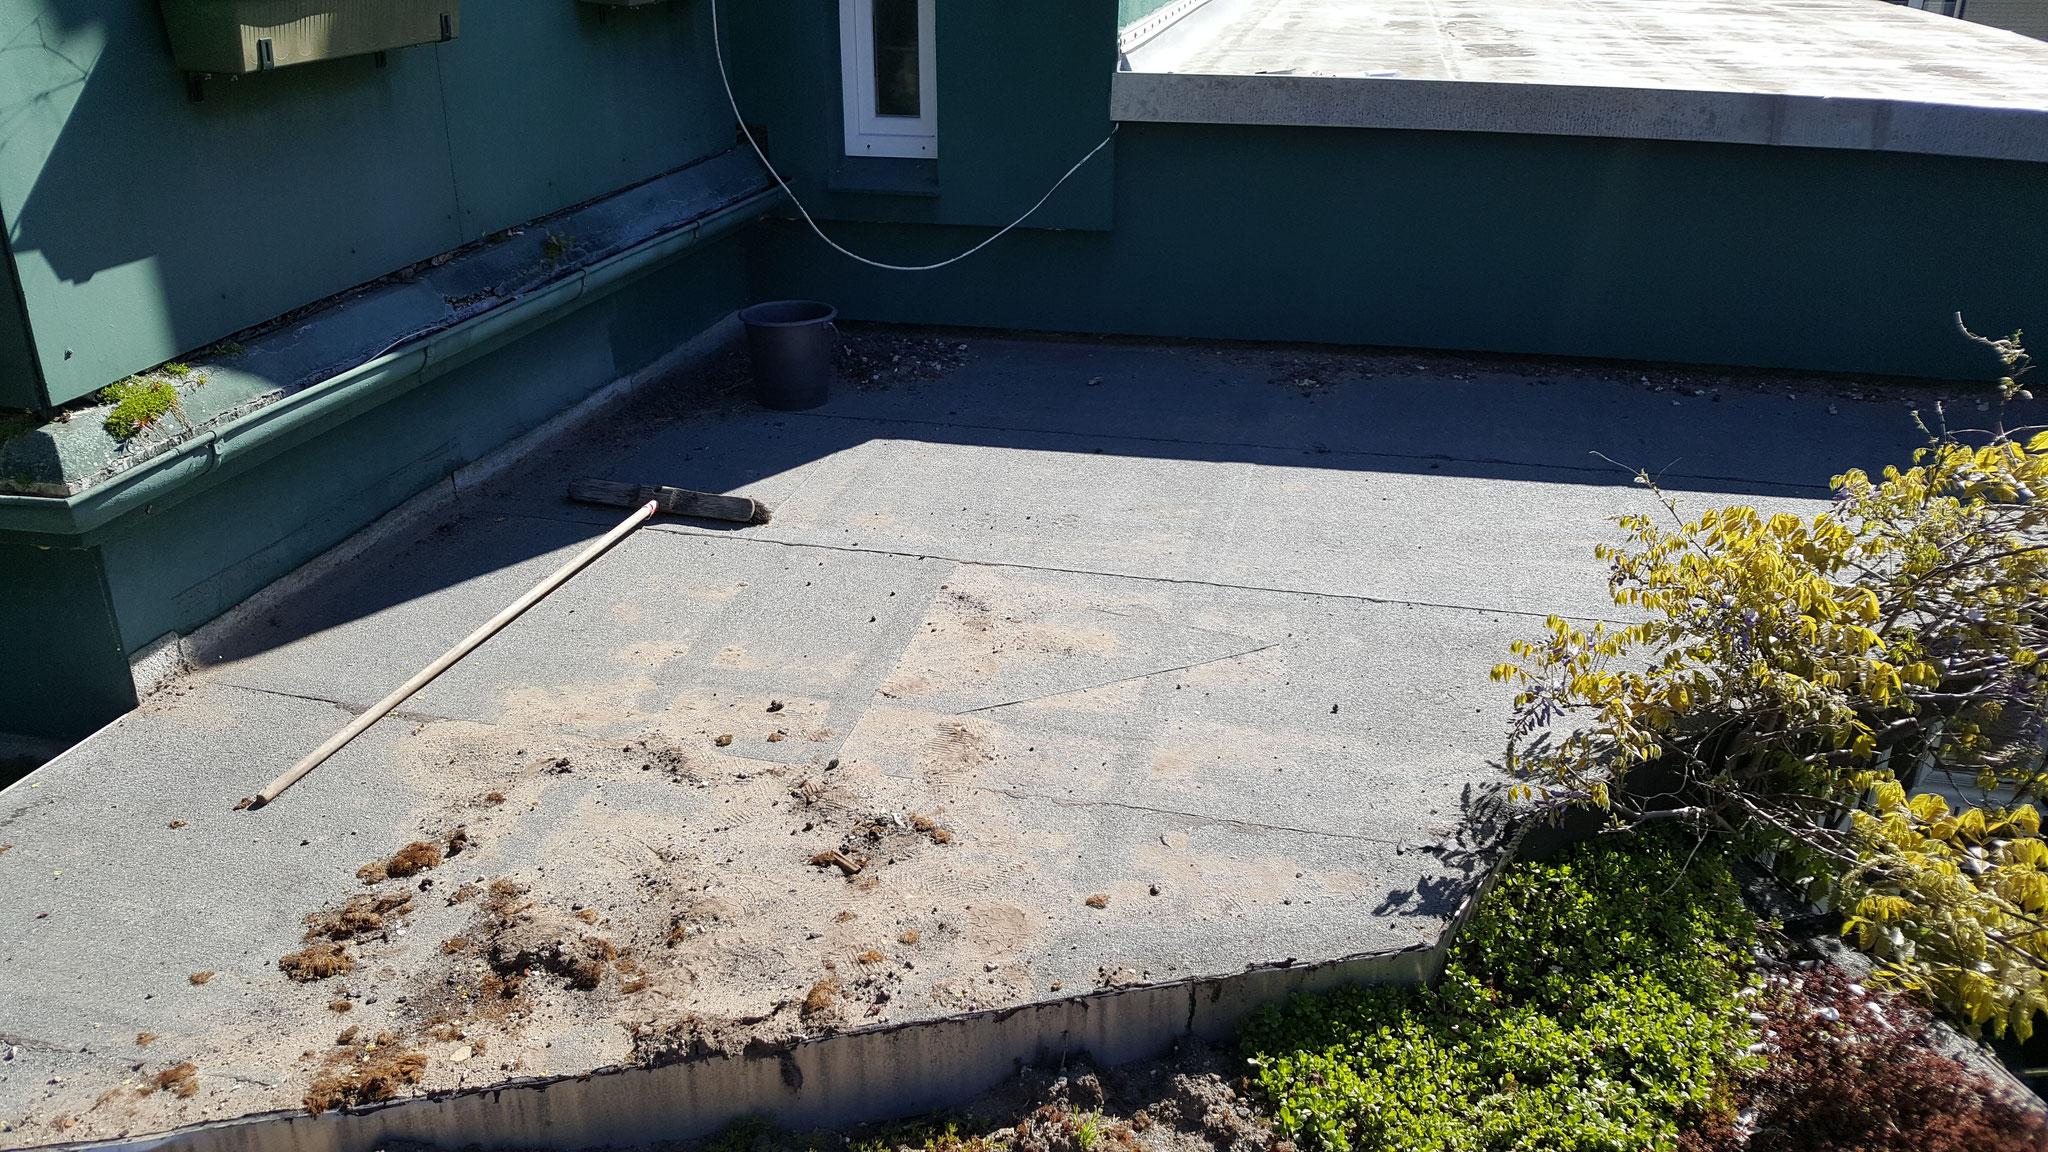 Undichte Dachabdichtung an einem Vordach.